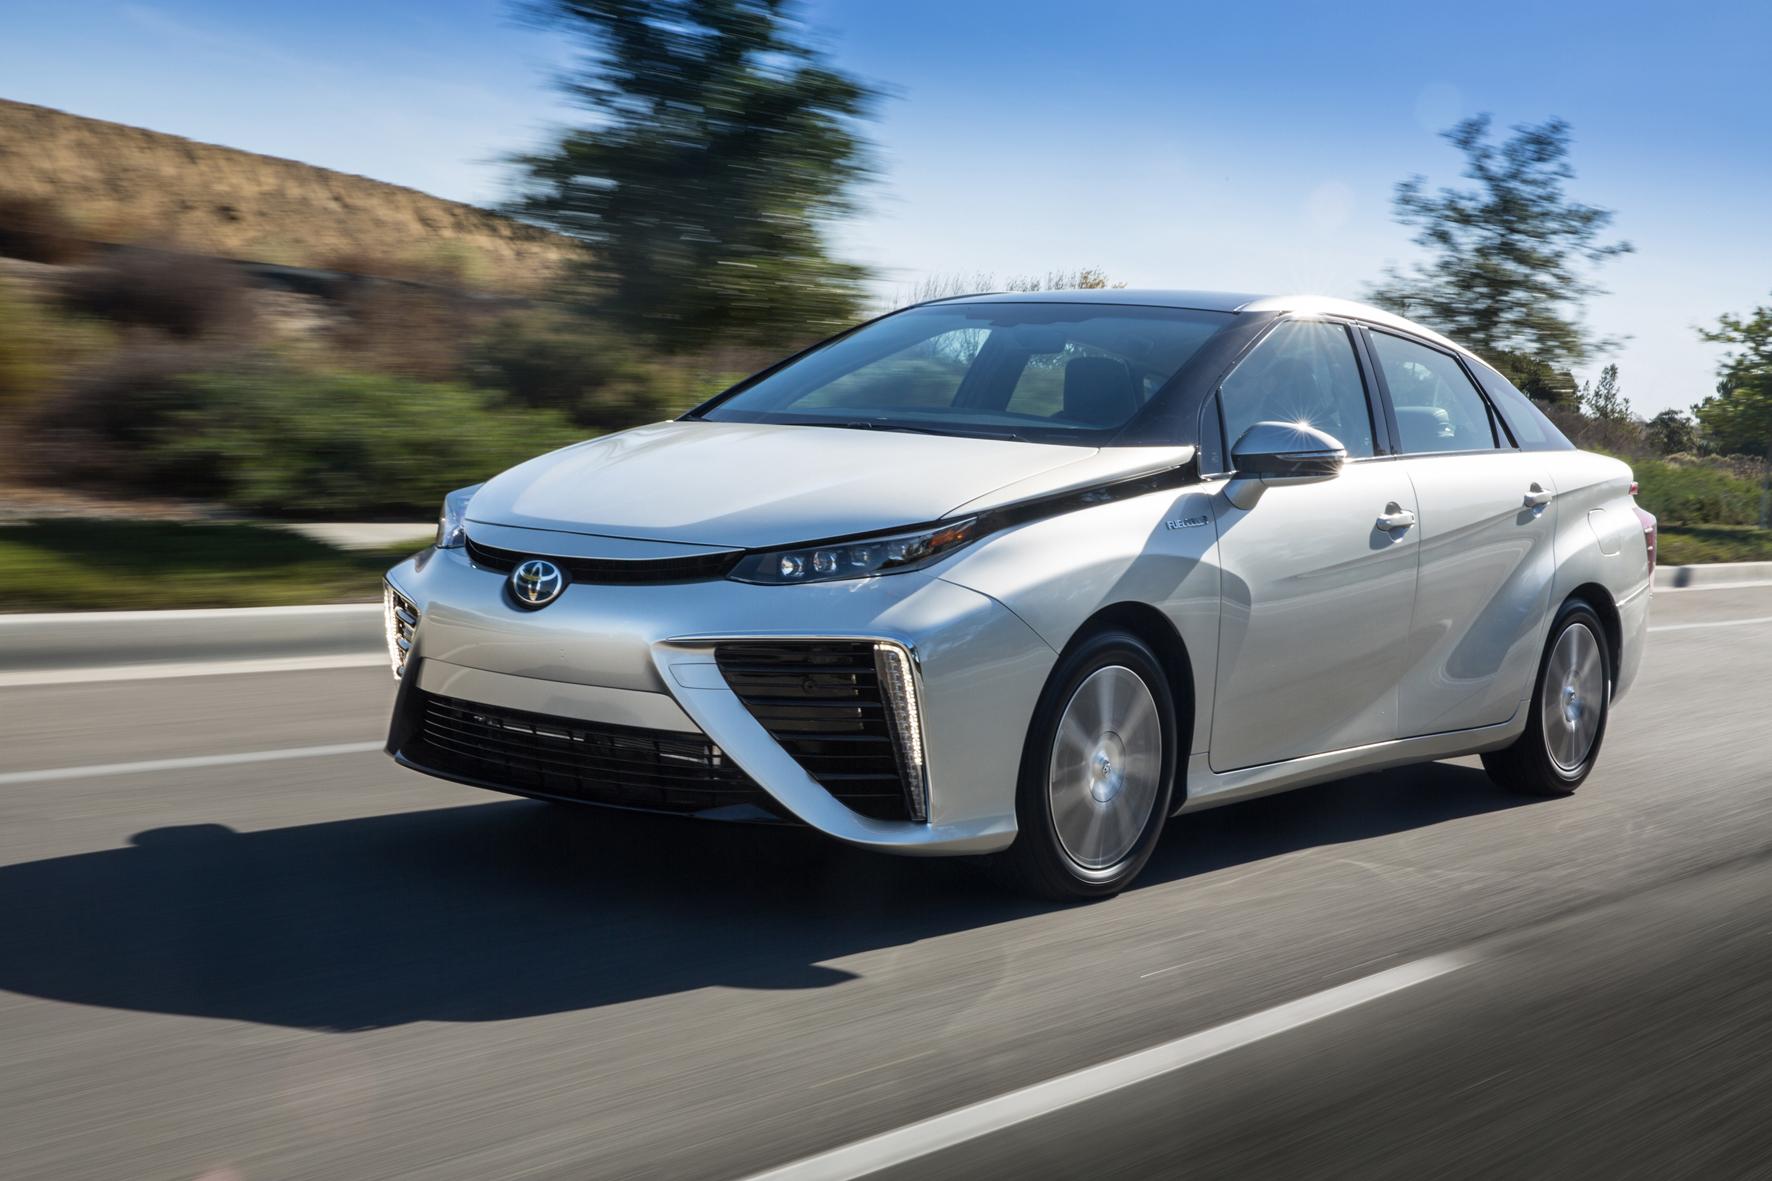 mid Köln - Der Toyota Mirai nutz eine Brennstoffzelle als Antrieb und verbraucht dabei 0,76 Kilogramm Wasserstoff je 100 Kilometer.